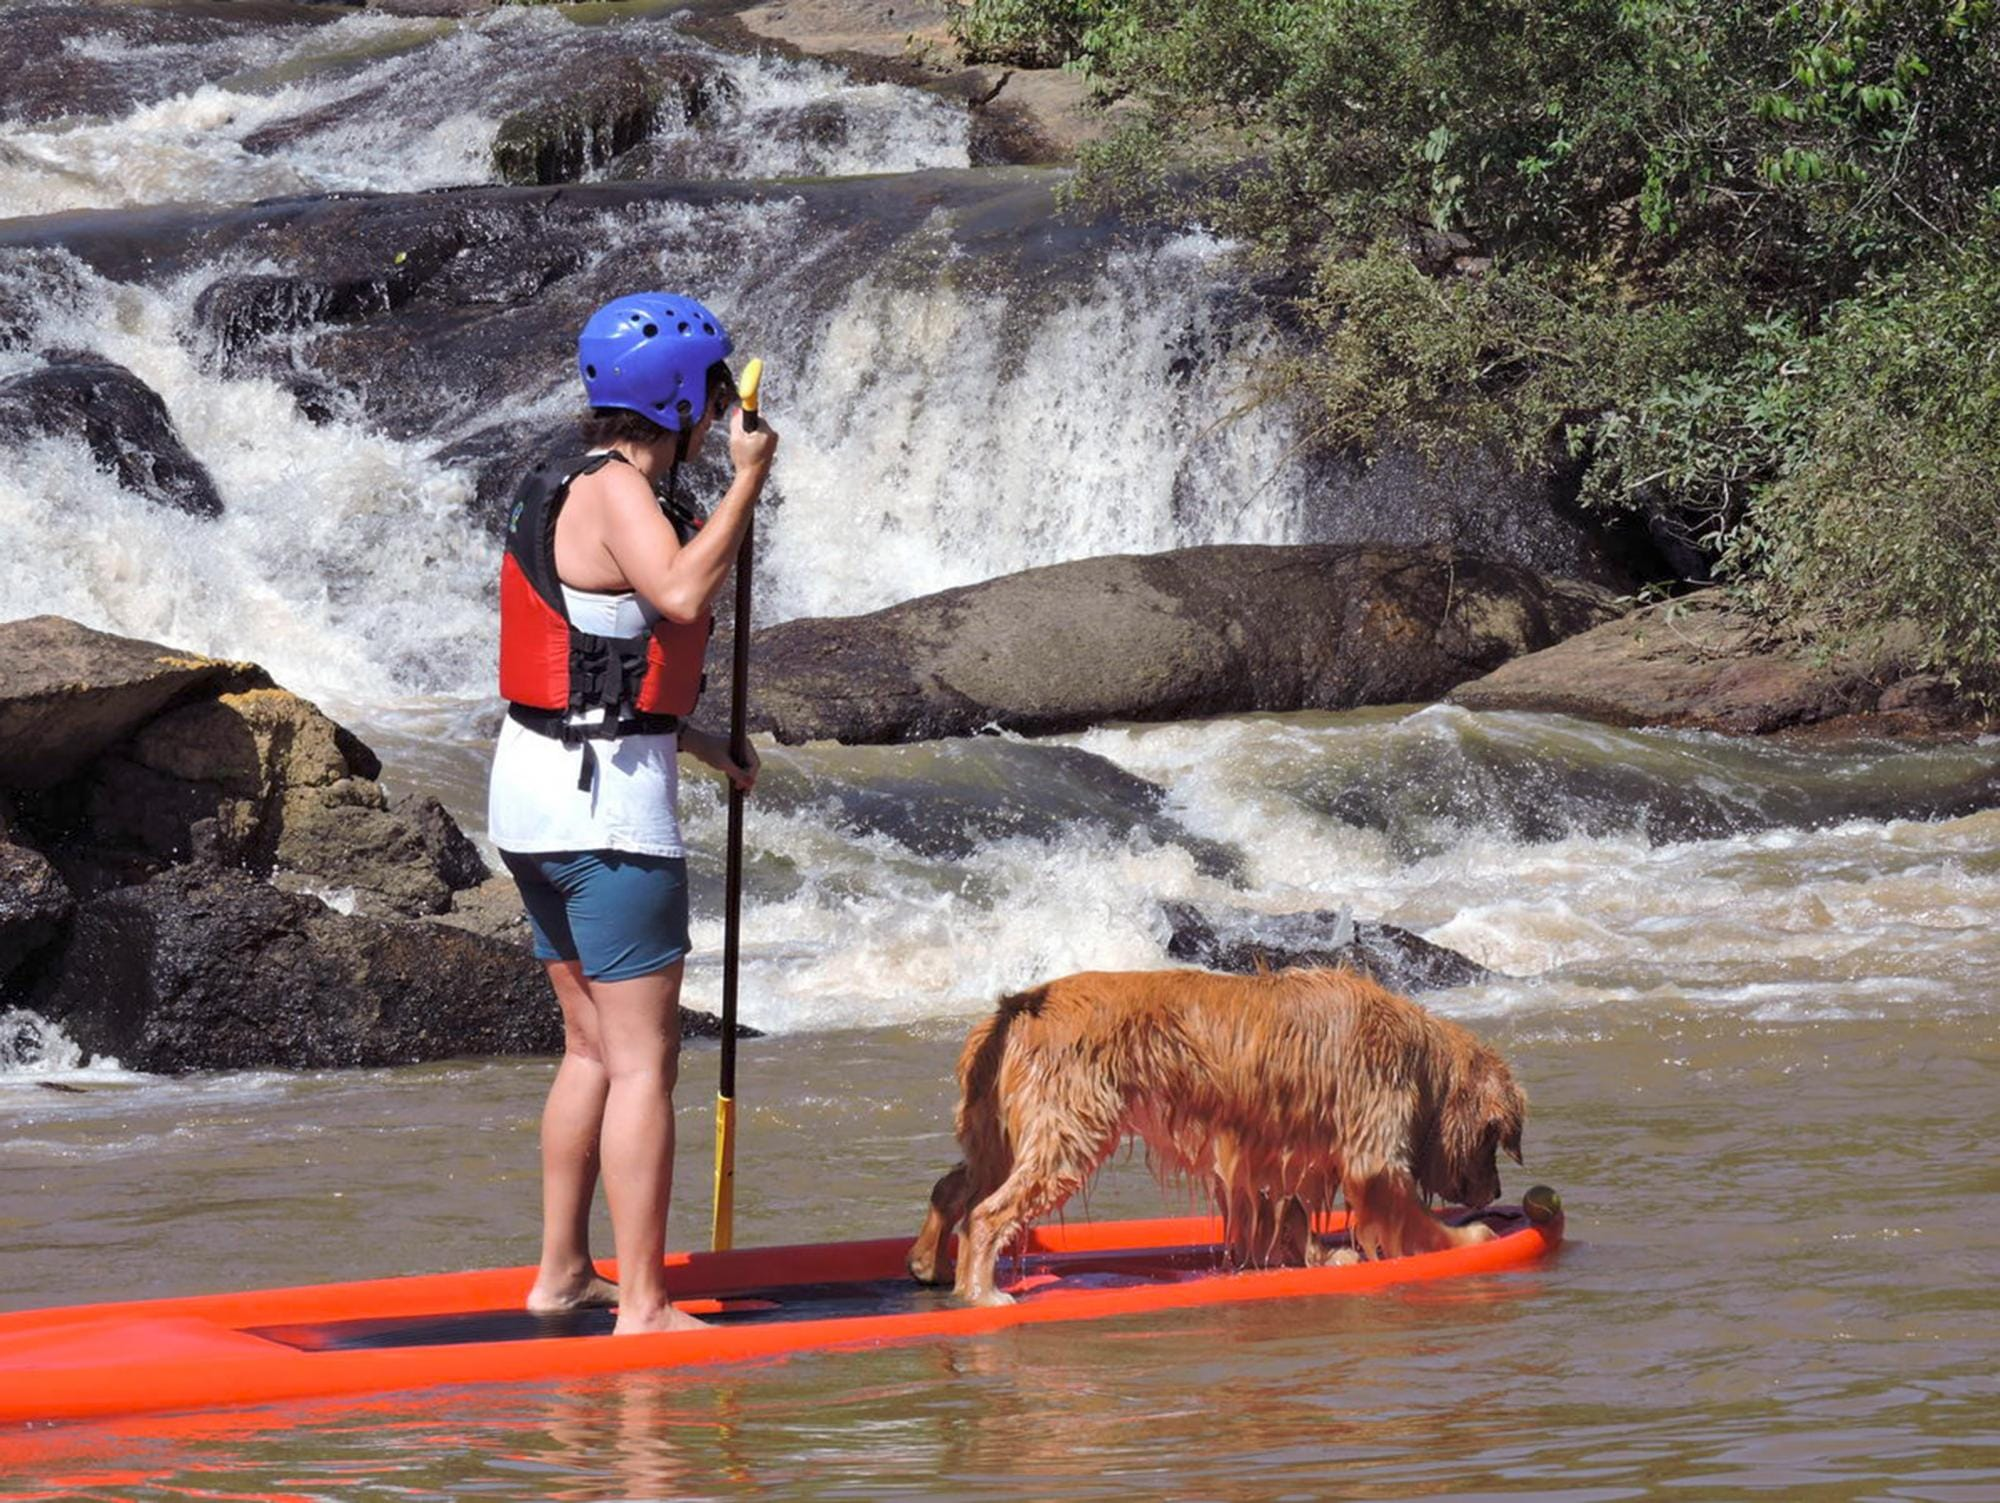 Na imagem, uma moça está em pé em uma prancha de stand up paddle junto de seu cachorro. Ela está na parte de trás da prancha, enquanto o animal vai na parte da frente.